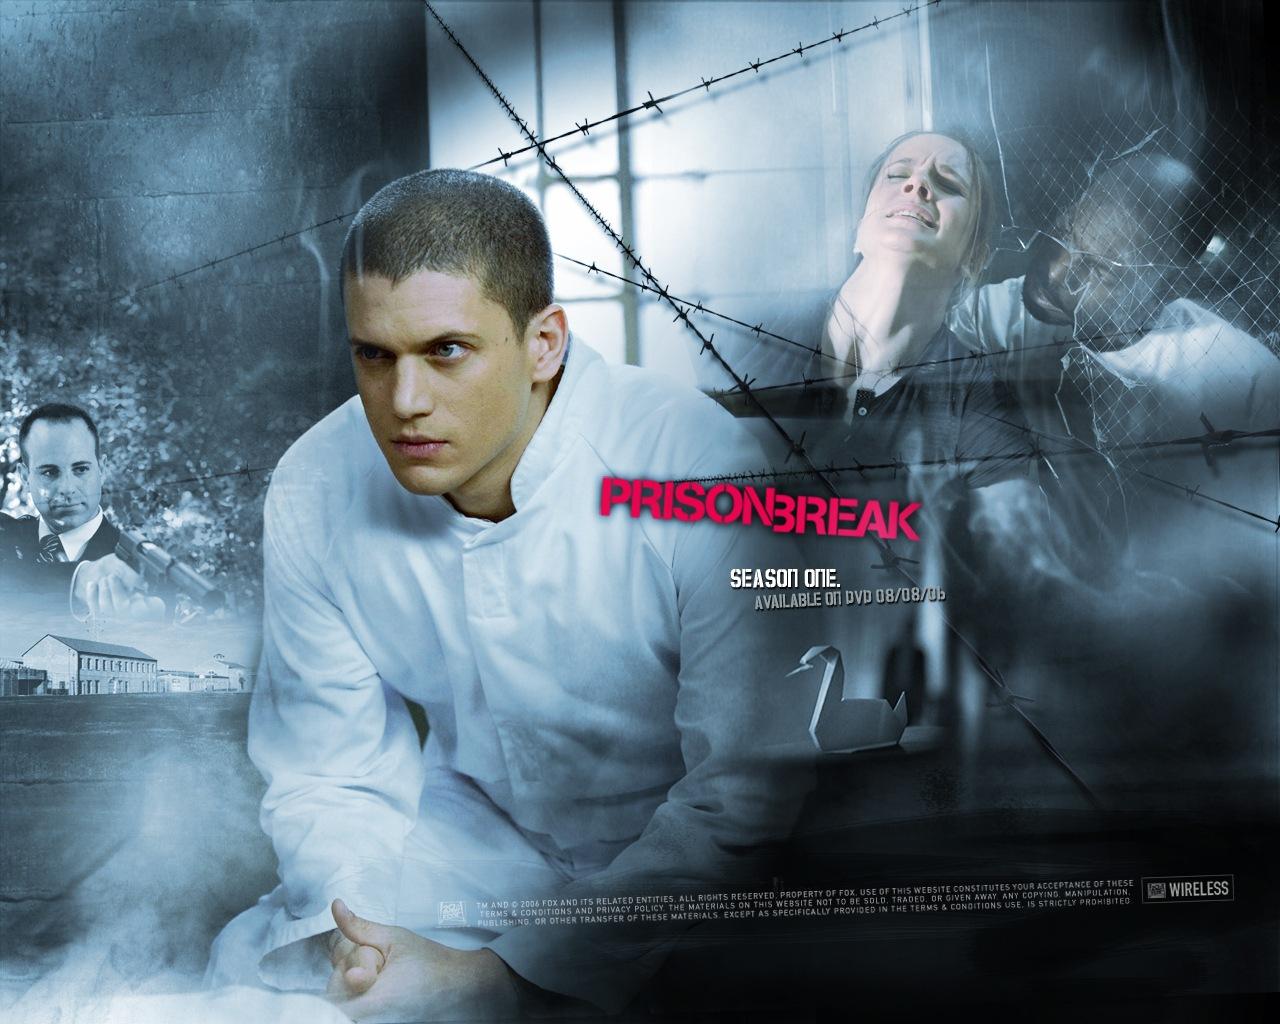 image prison break wentworth miller movies 1280x1024